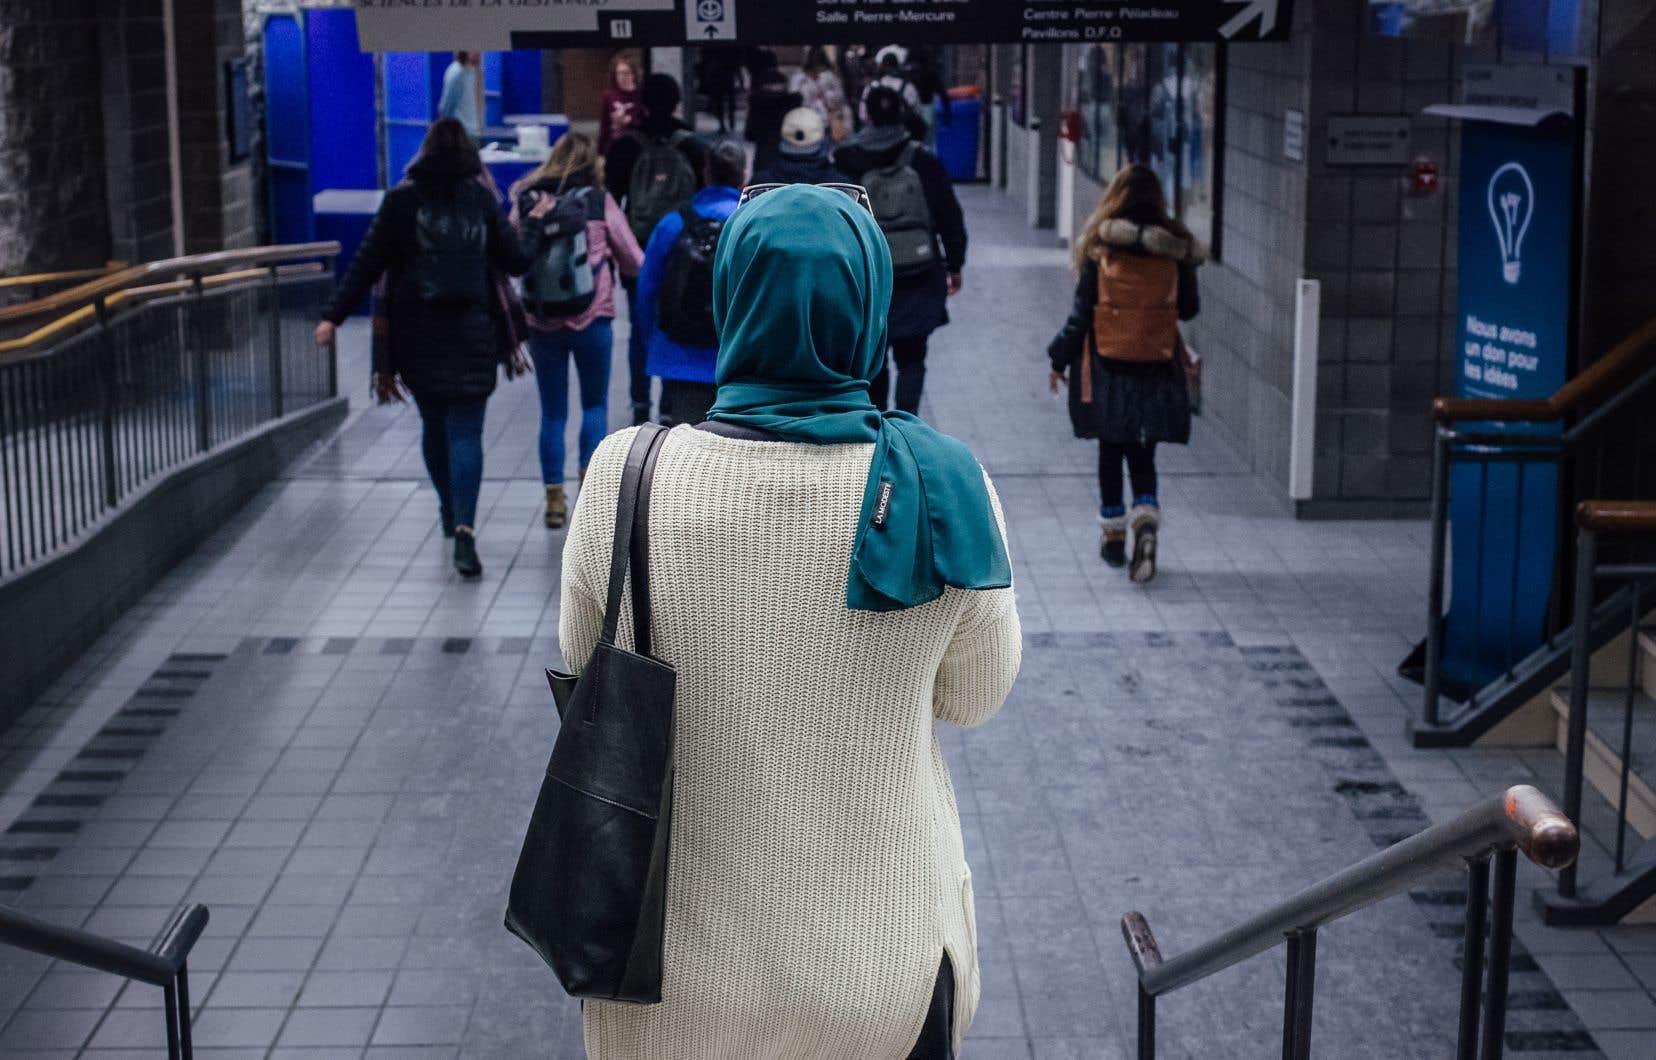 «La loi 21 n'exclut les femmes musulmanes d'aucun emploi, et il est faux de le prétendre», écrit l'auteur.